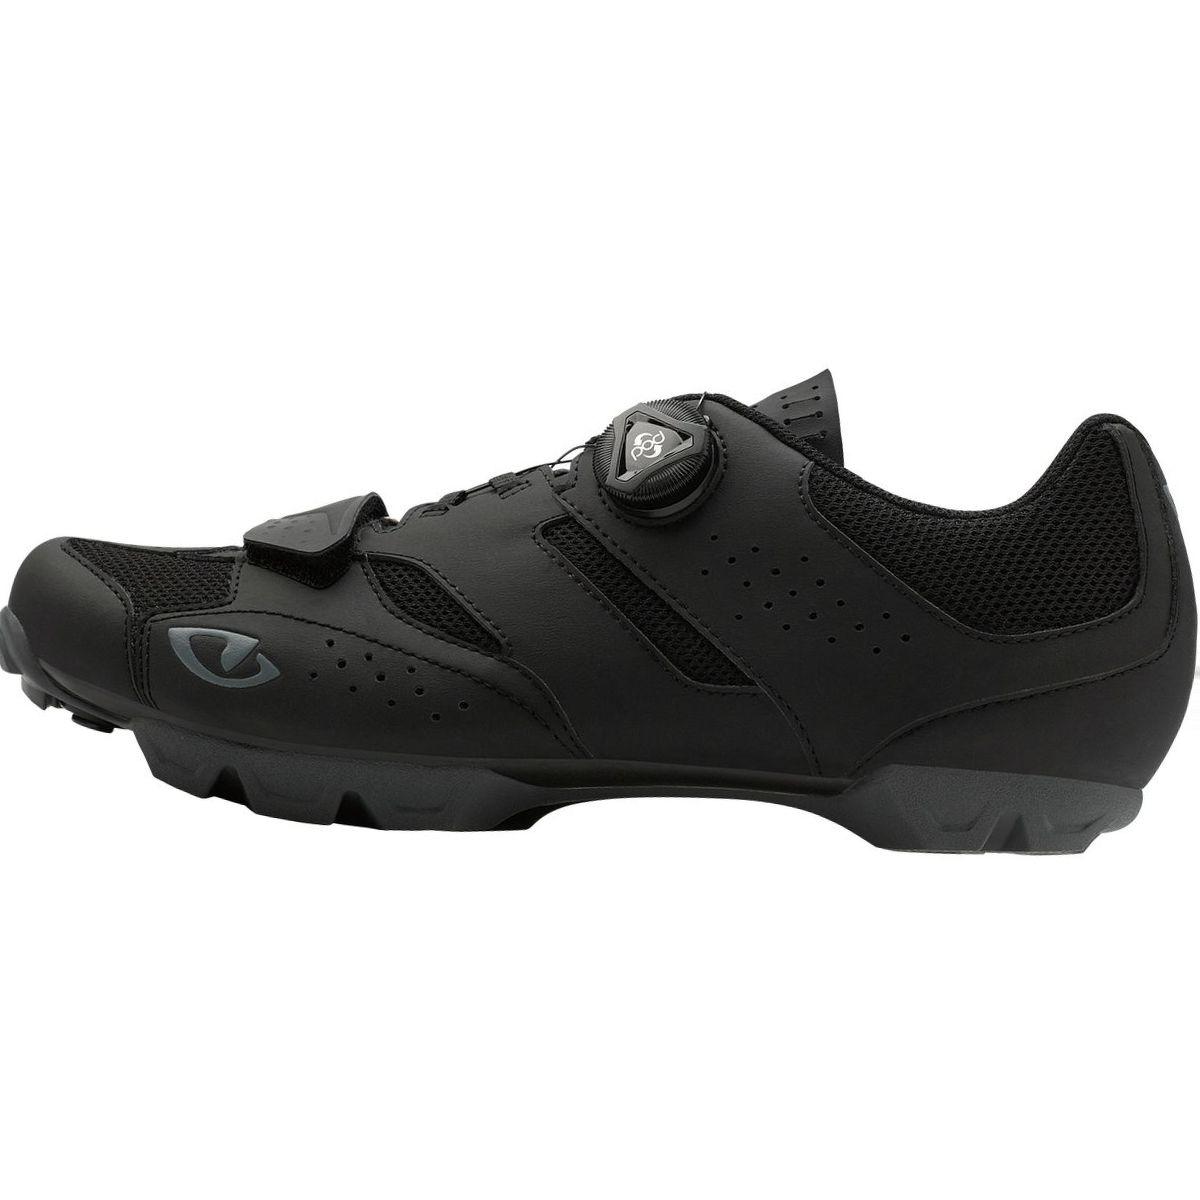 Giro Cylinder Cycling Shoe - Men's